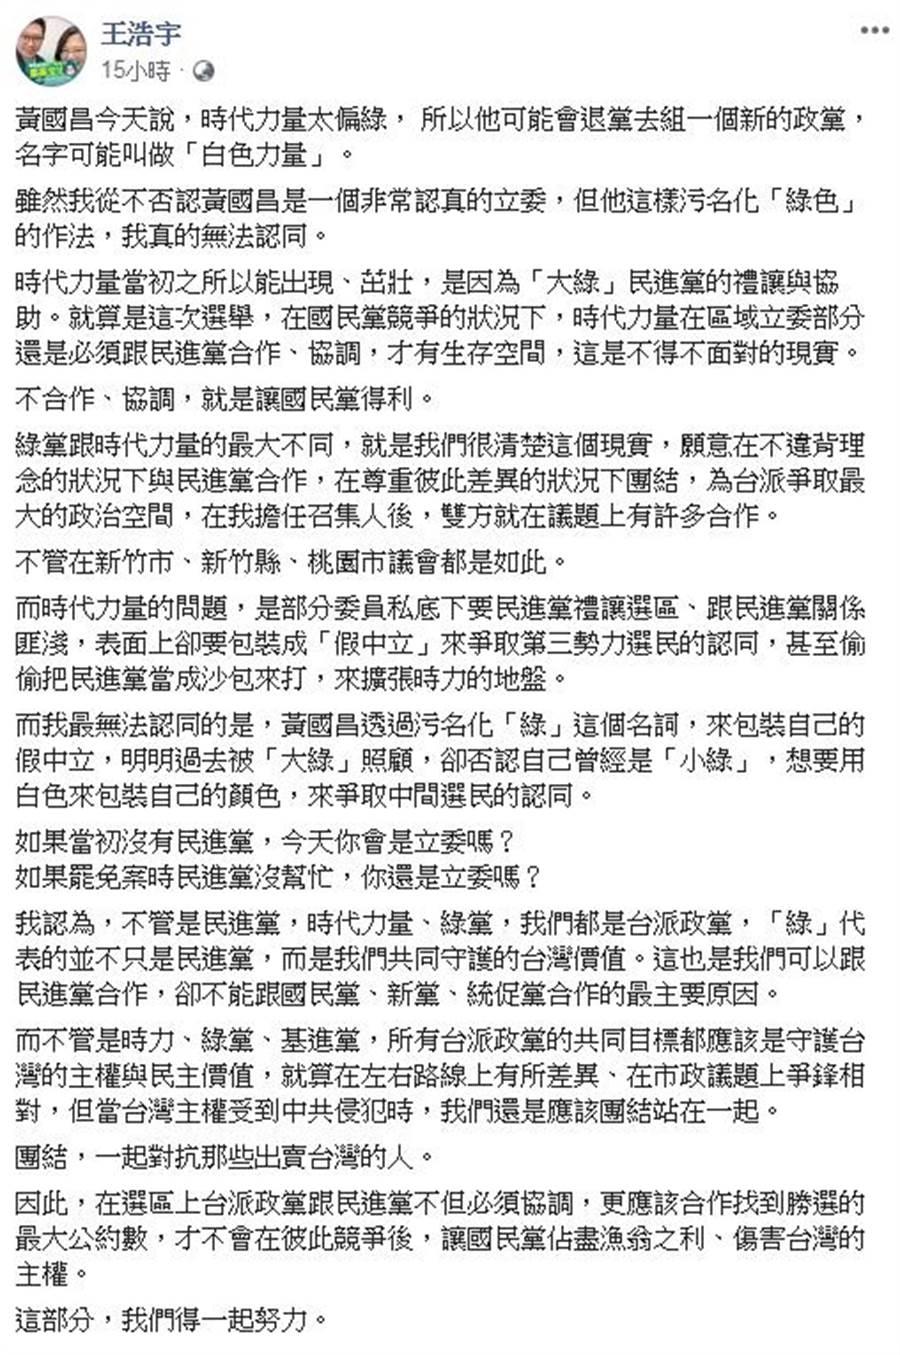 20190609王浩宇臉書發文